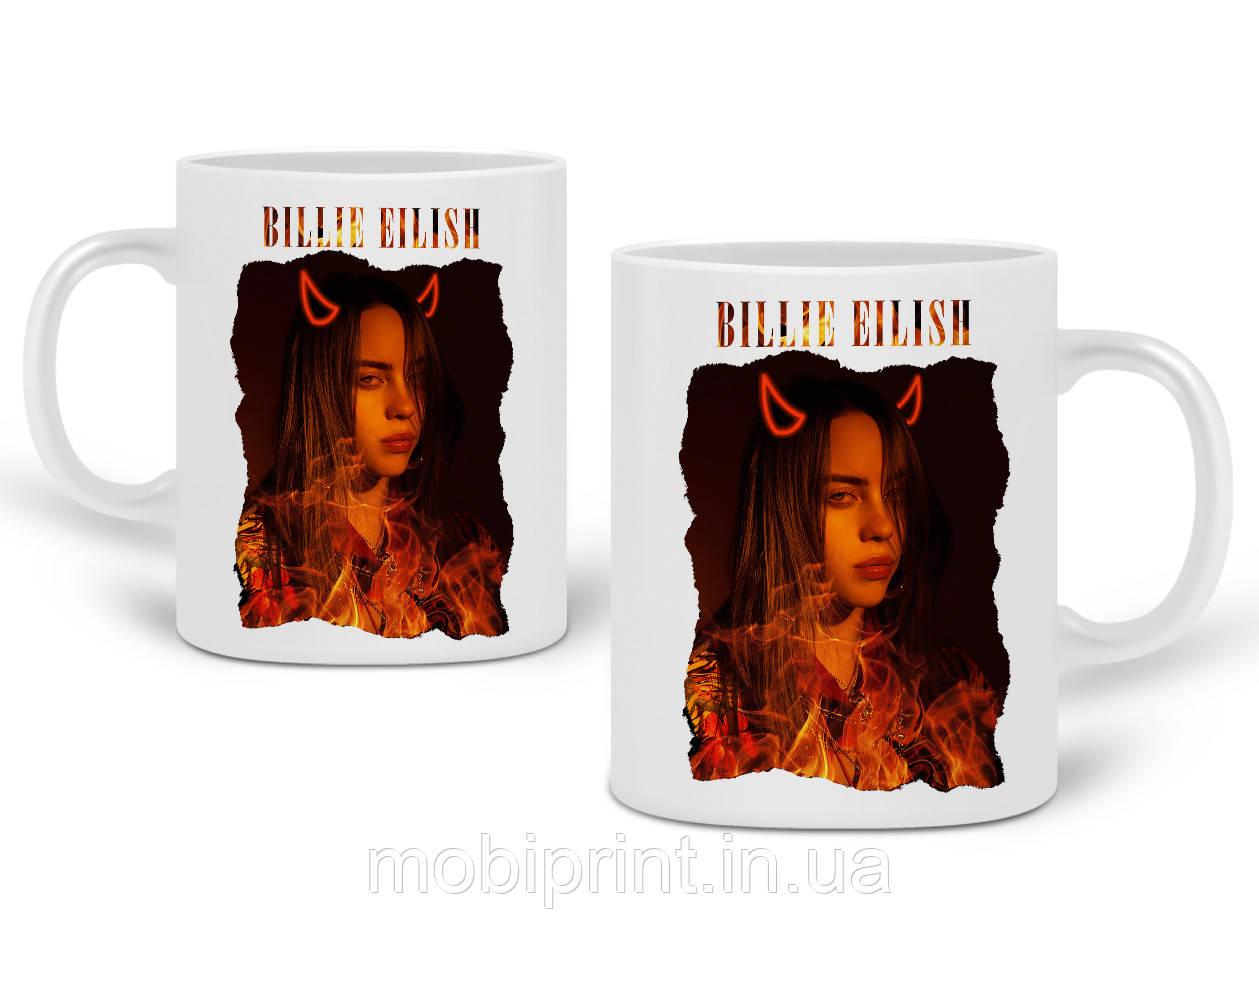 Кружка Біллі Айлиш (Billie Eilish) 330 мл Чашка Керамічна (20259-1602)